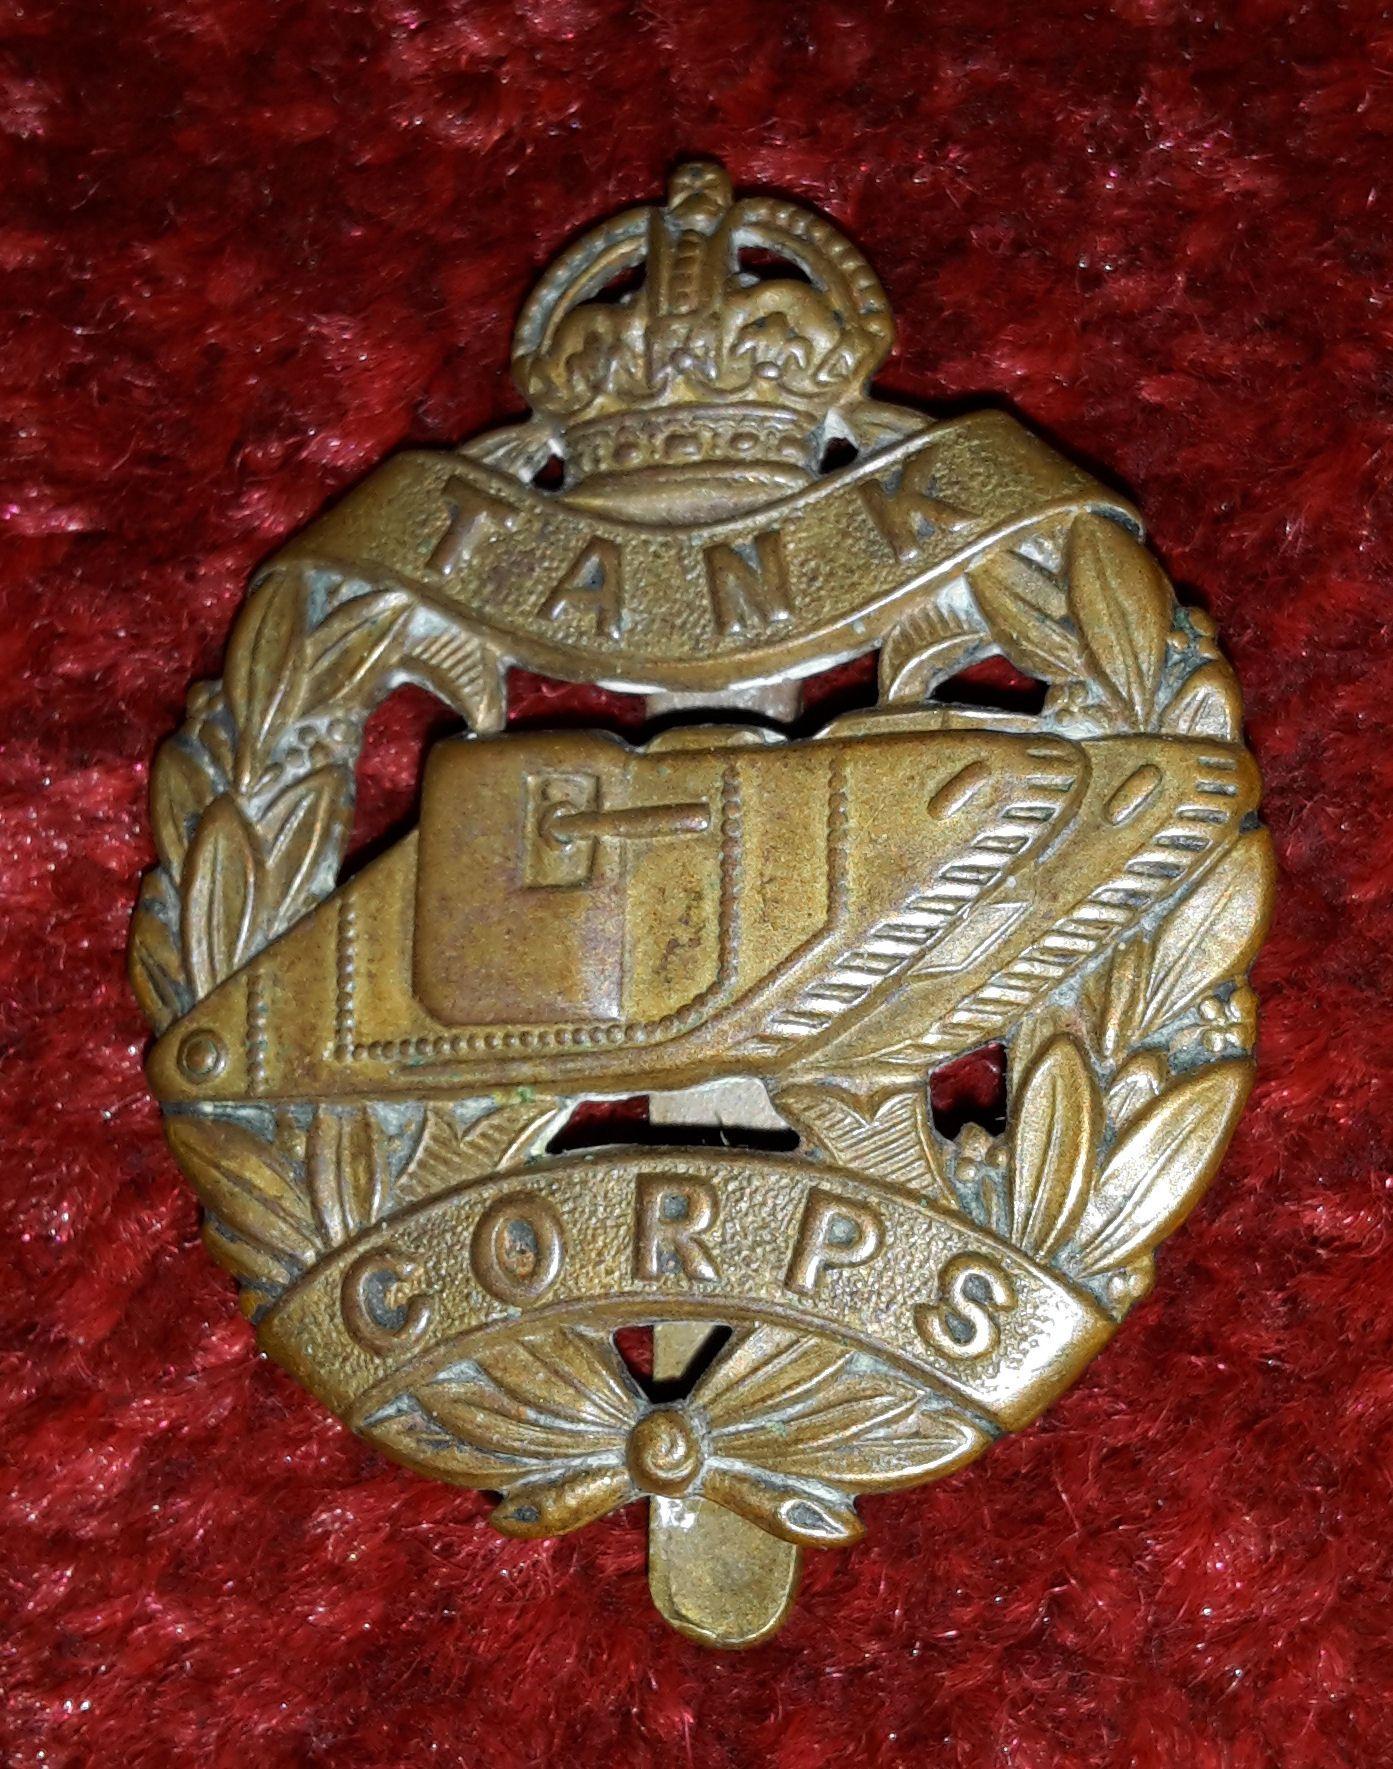 1de365a1f21 Tank Corps WW1 cap badge